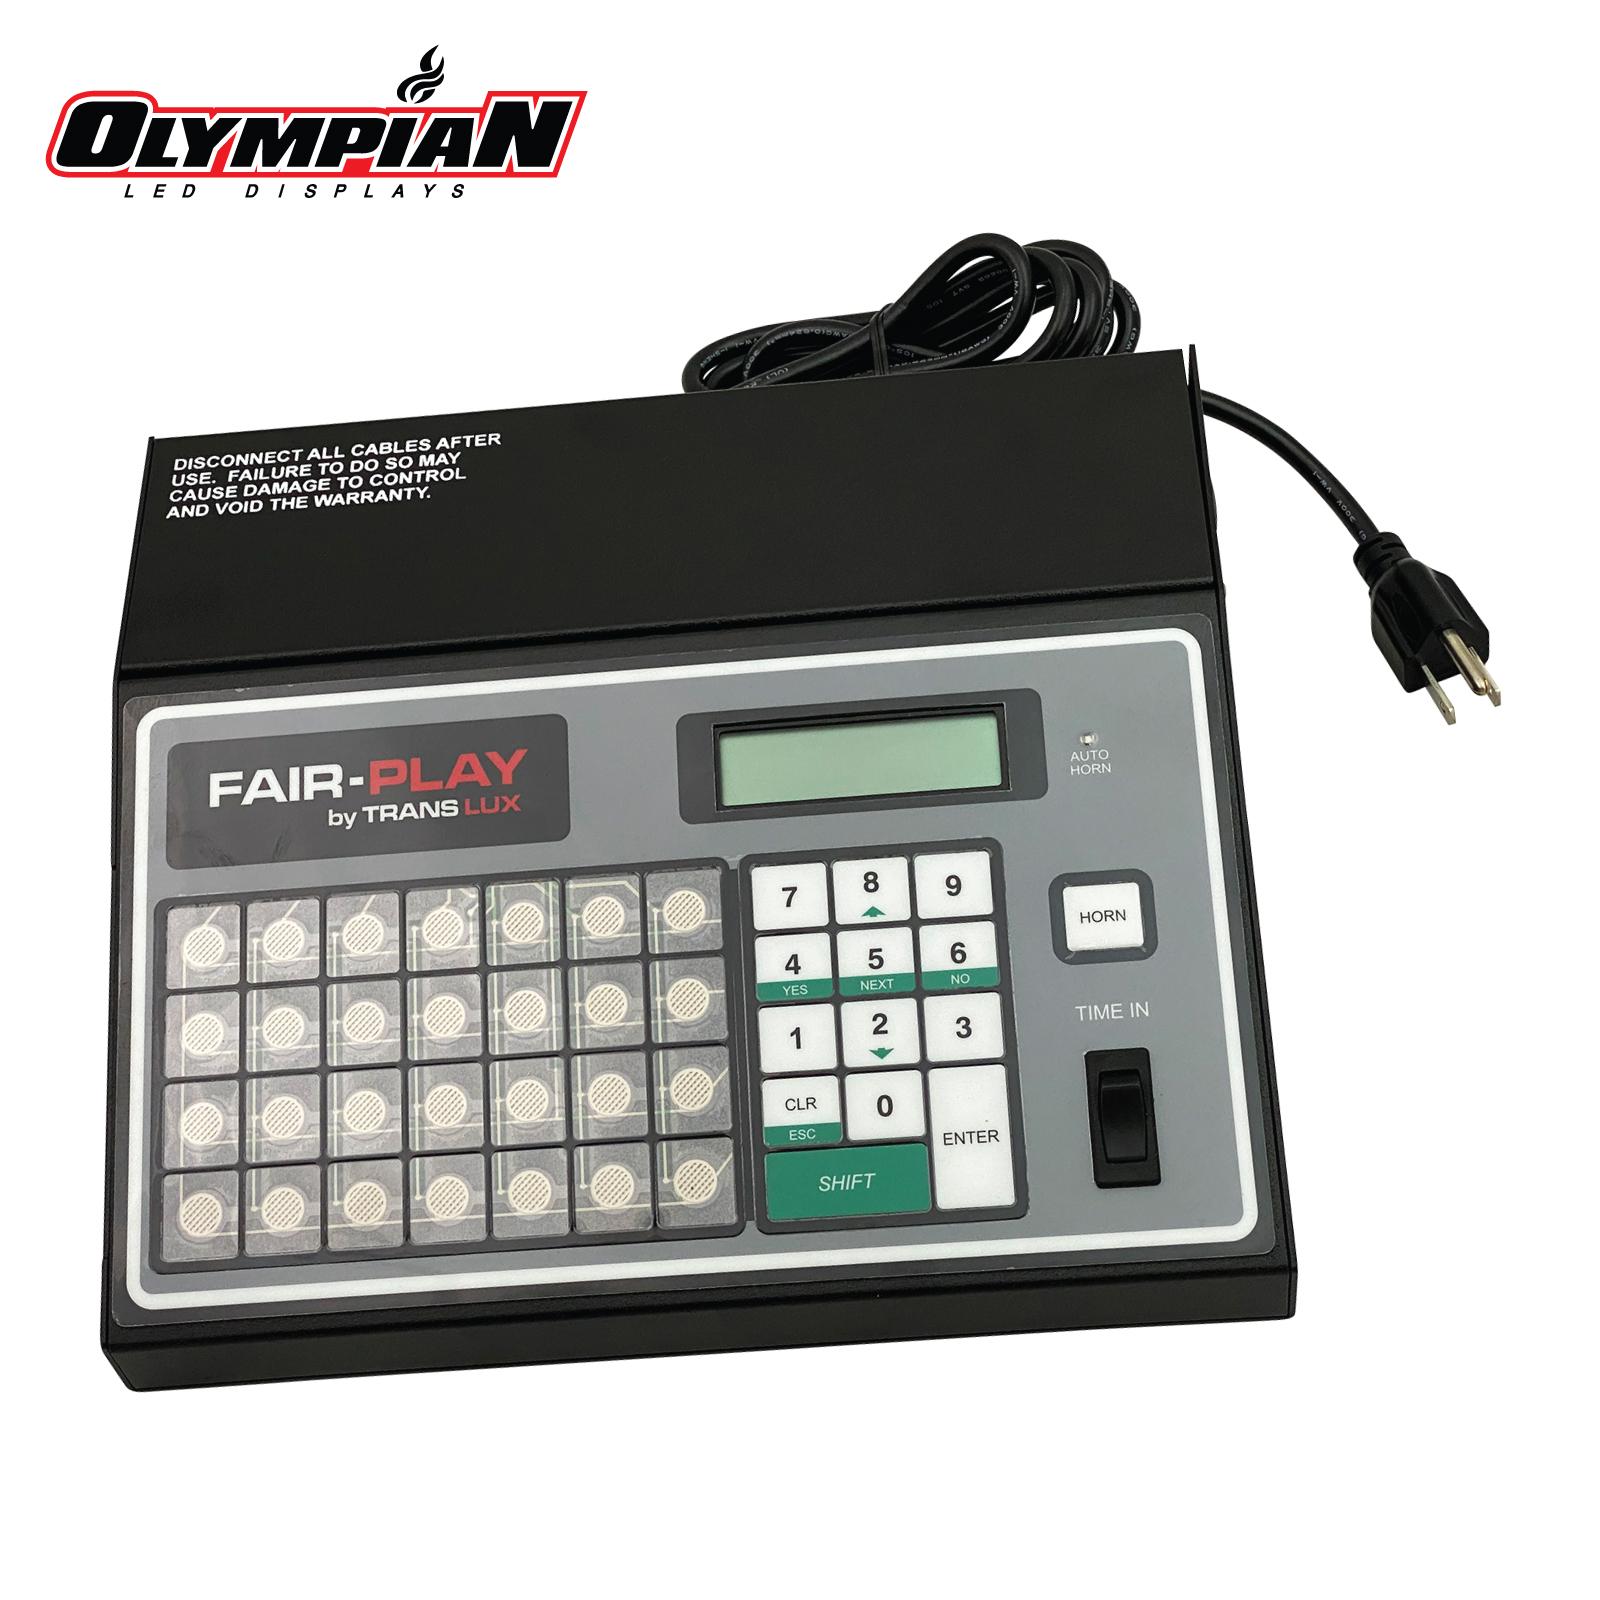 Fair-Play Translux MP70 / MP-70-0111 Scoreboard Control (Non-Wireless)